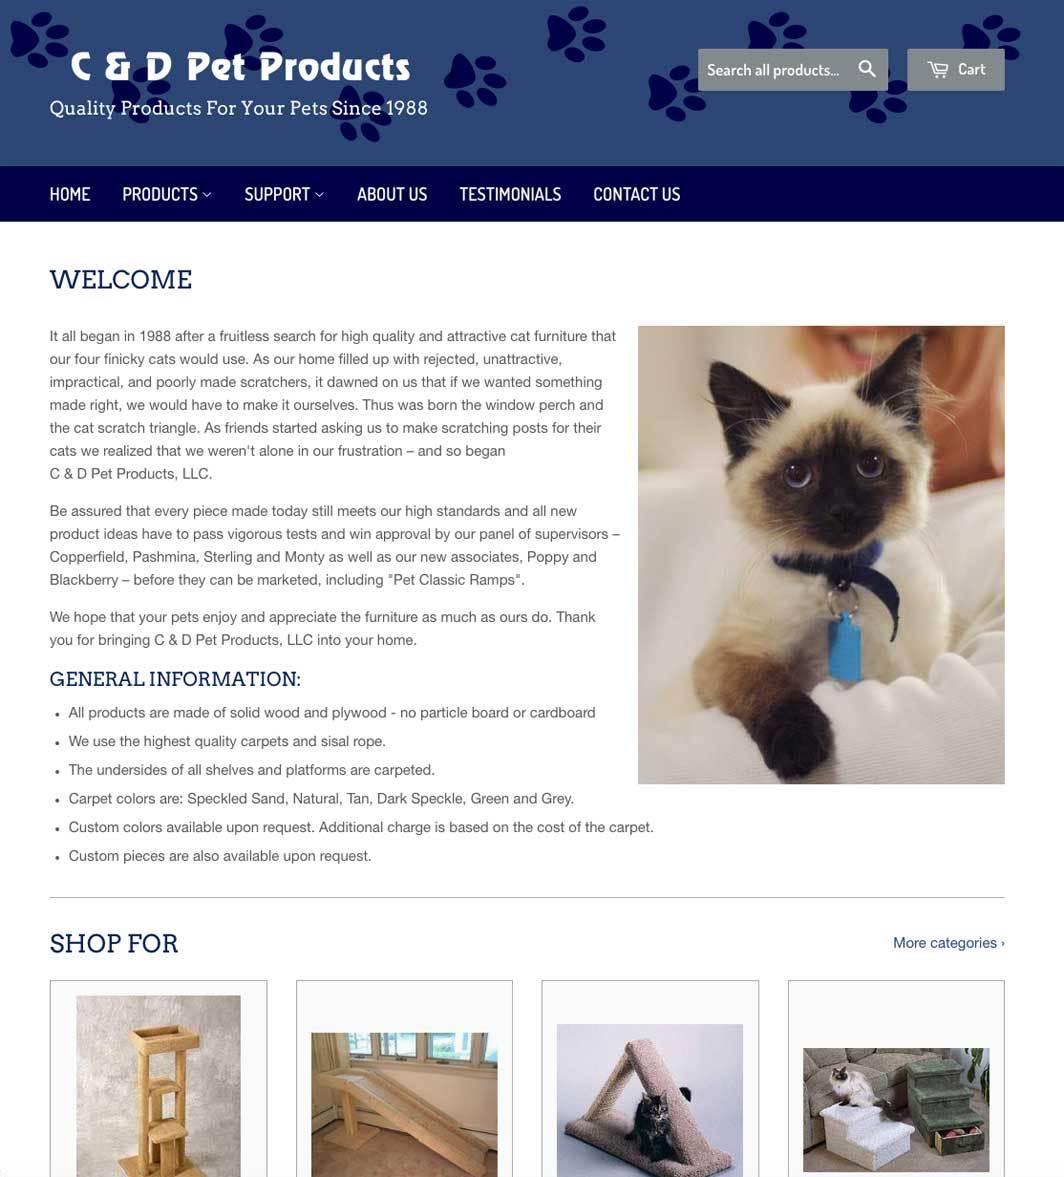 C & D Pet Products